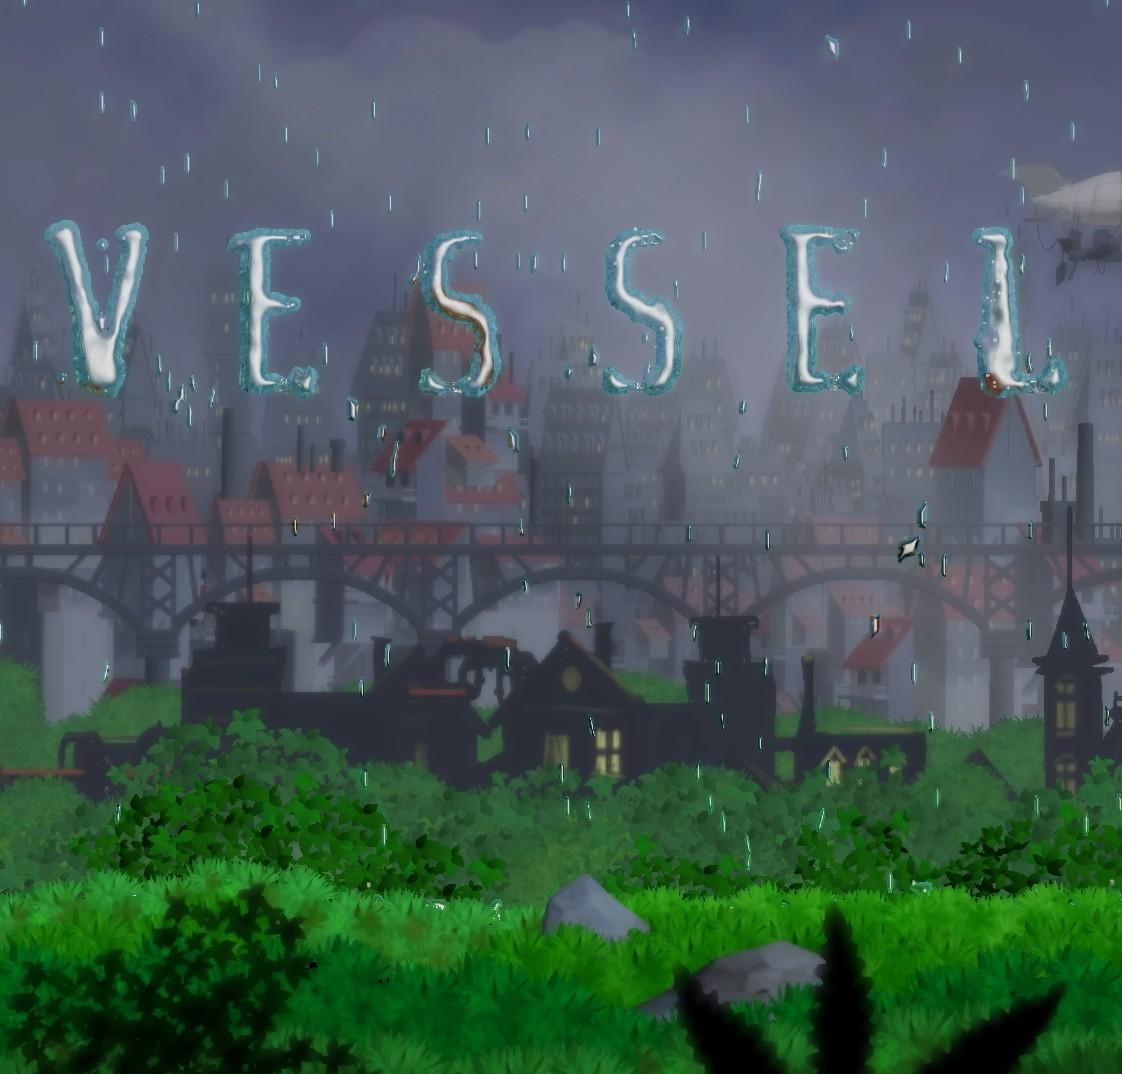 vessel_title_no_train